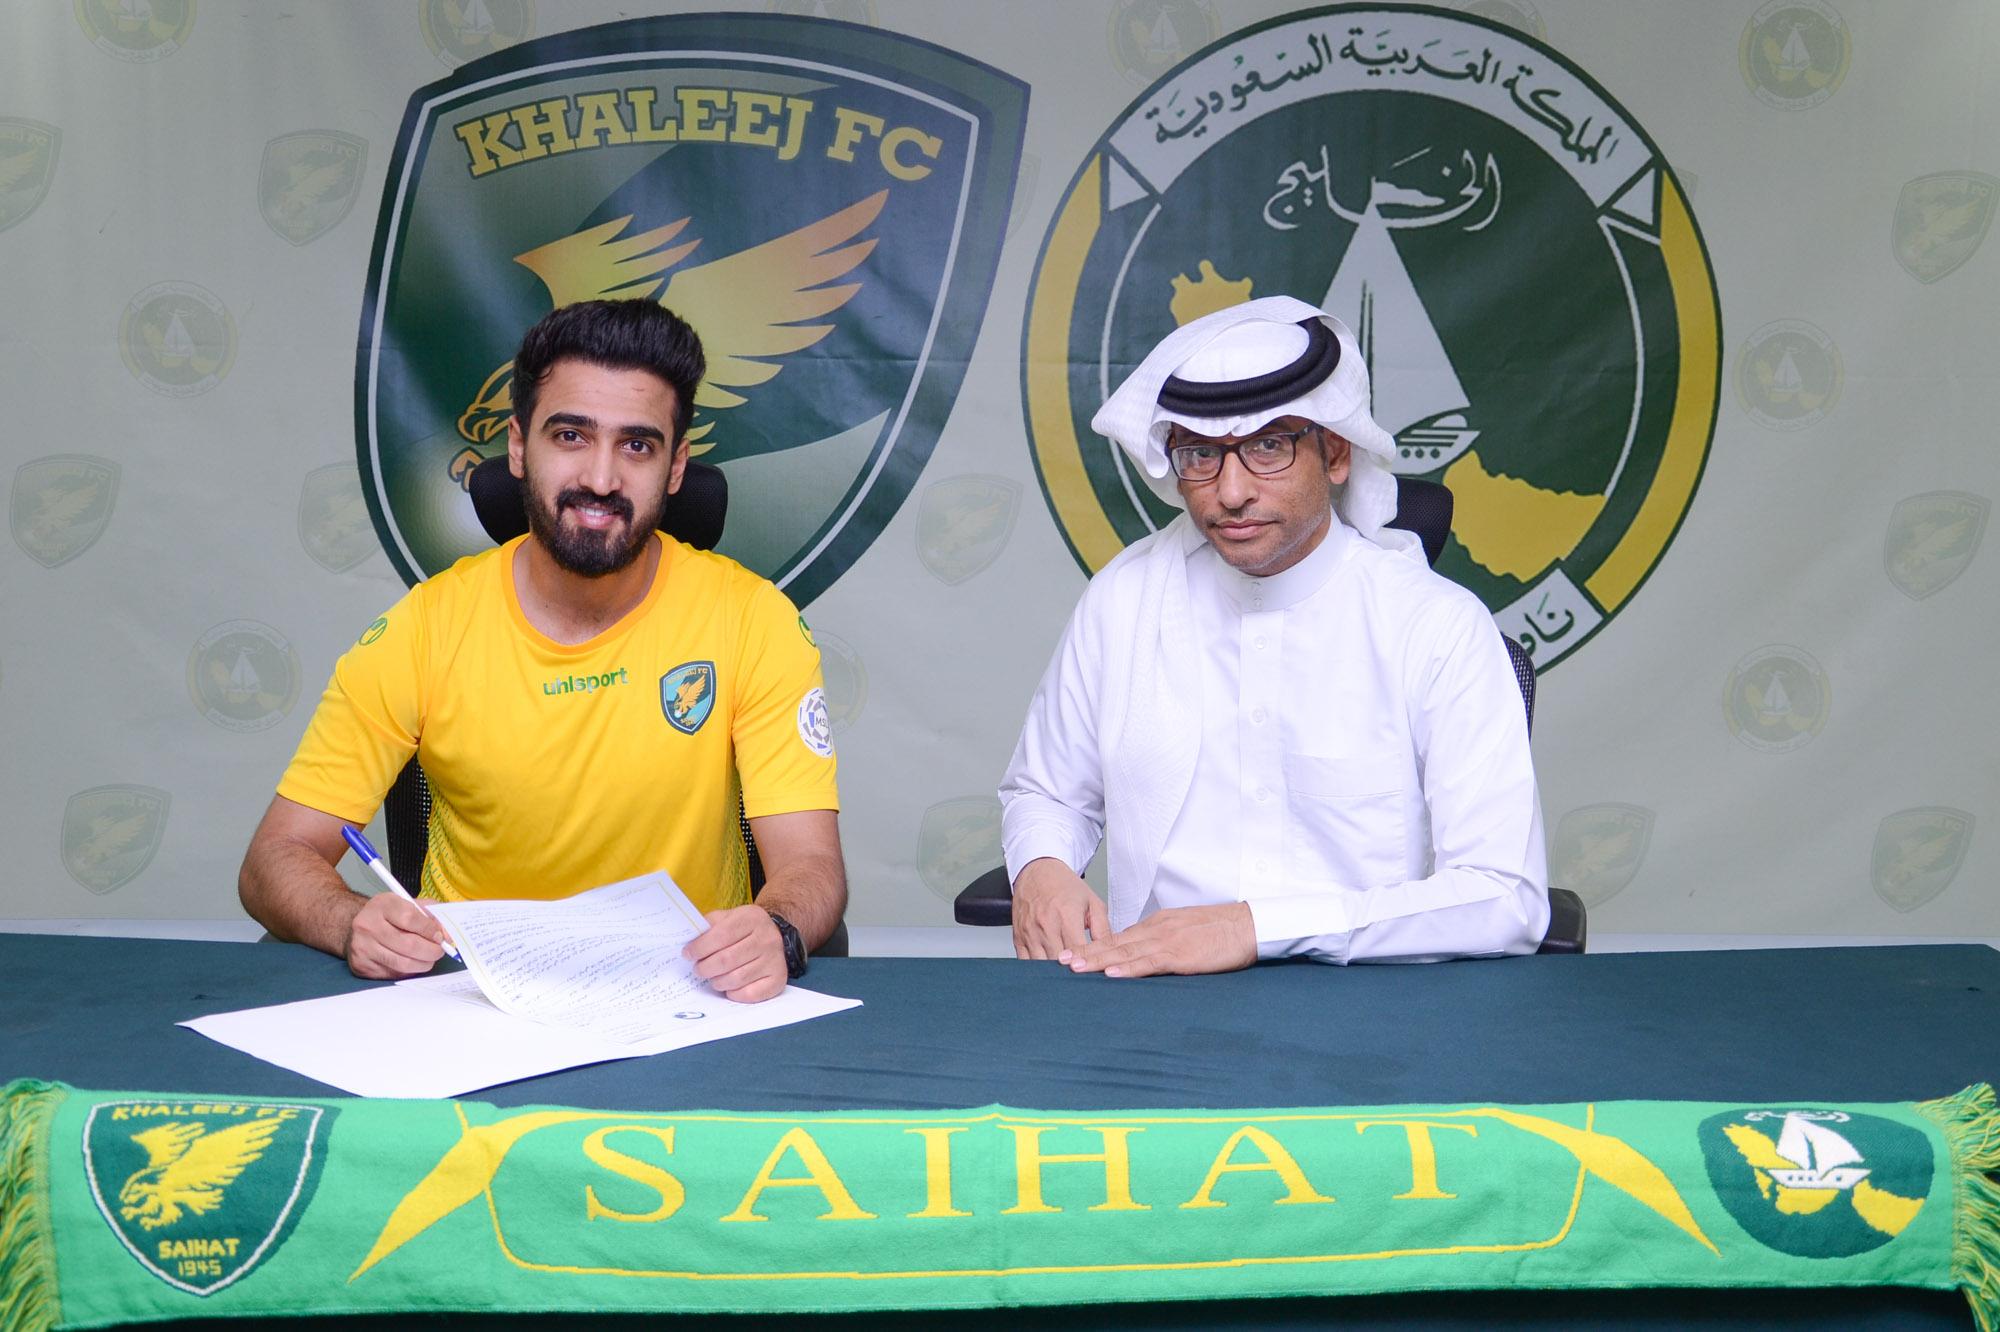 الخليج يدعم خط الوسط بالتوقيع رسمياً مع فهد الرشيدي لتمثيل الدانة في دوري الأمير محمد بن سلمان